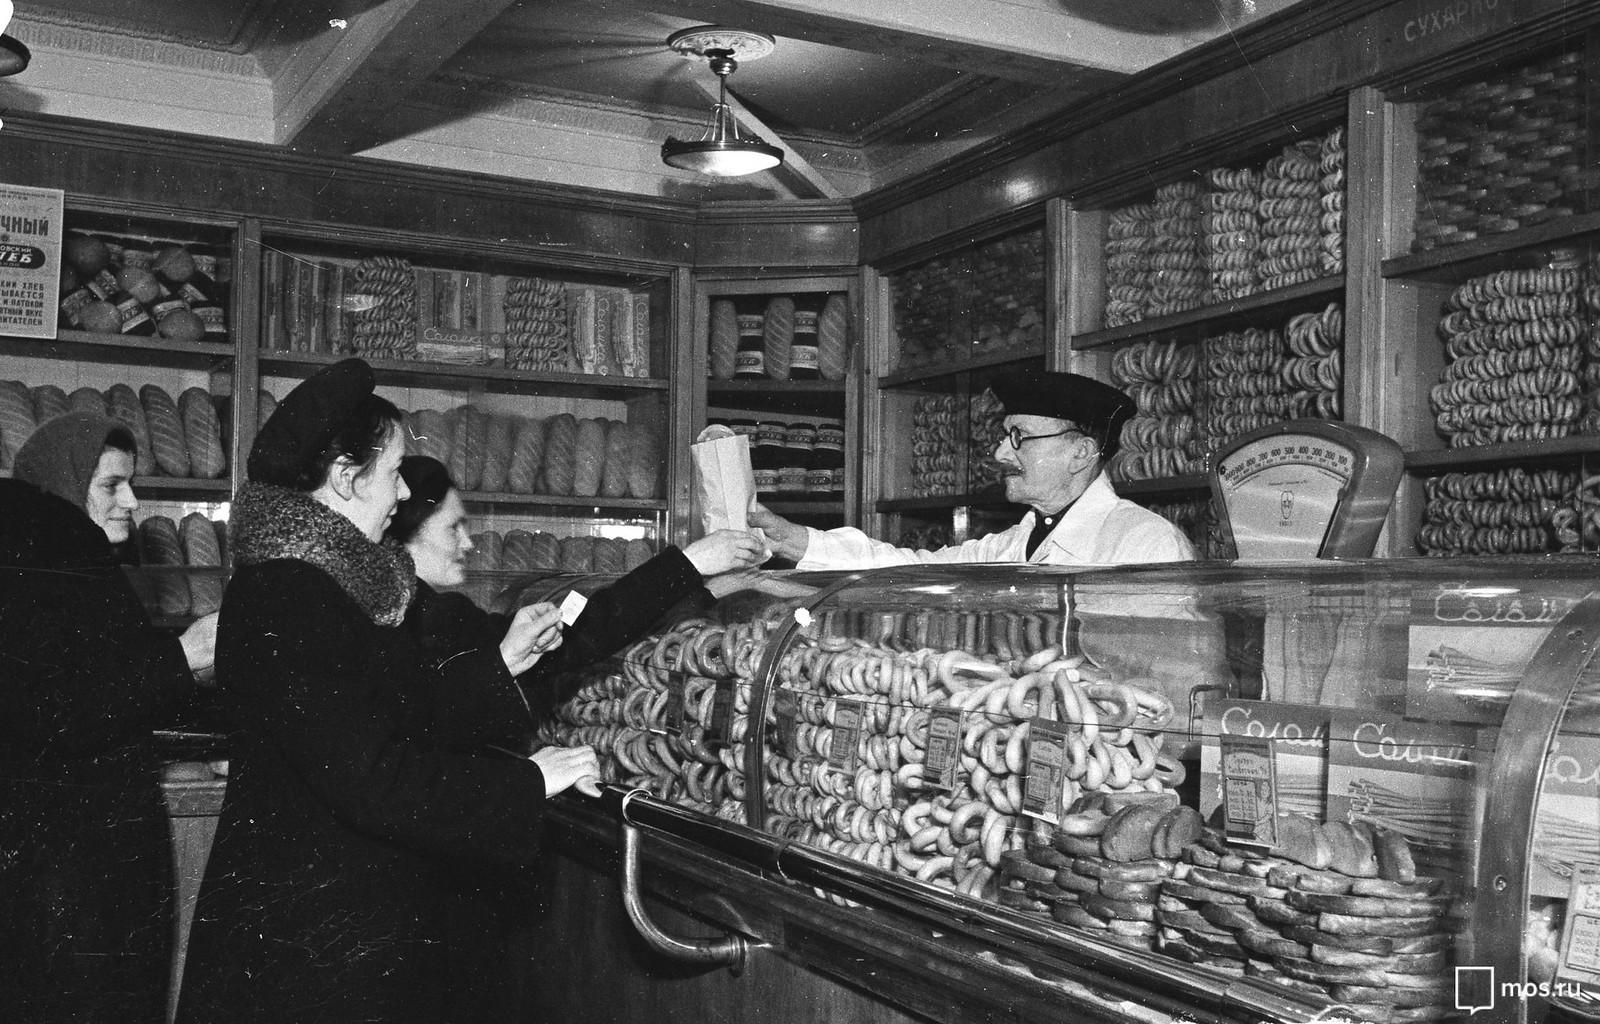 1951. Кондитерский отдел магазина № 19 1-го Московского государственного треста хлебопекарной промышленности